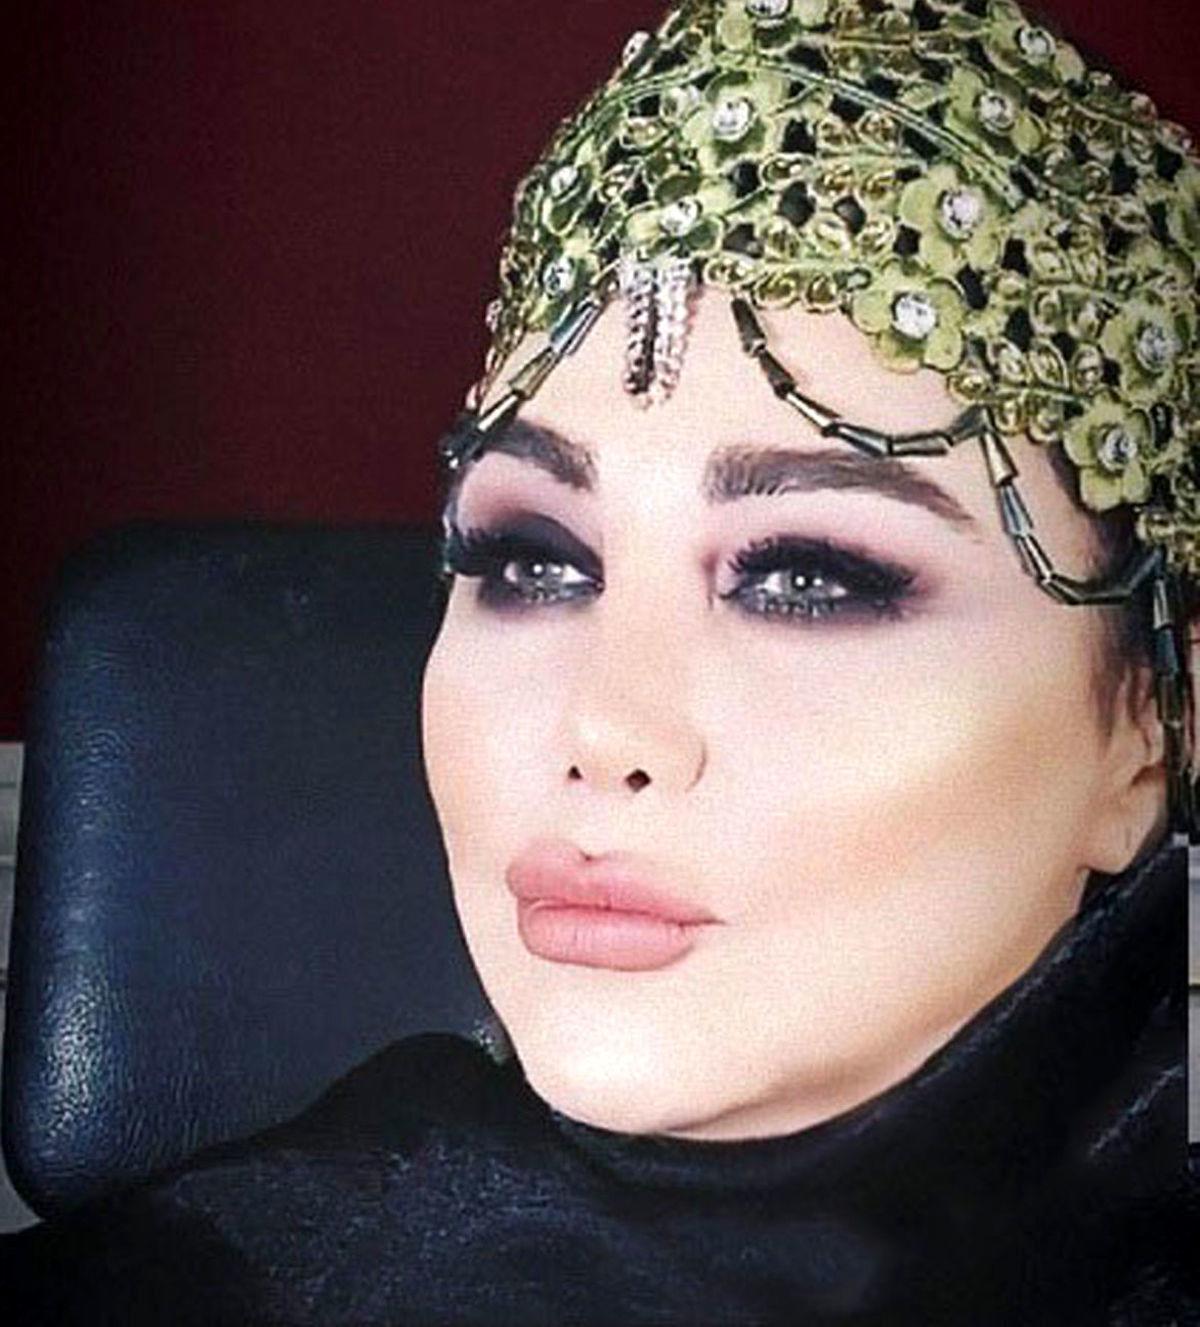 بهنوش بختیاری ملکه شد+عکس